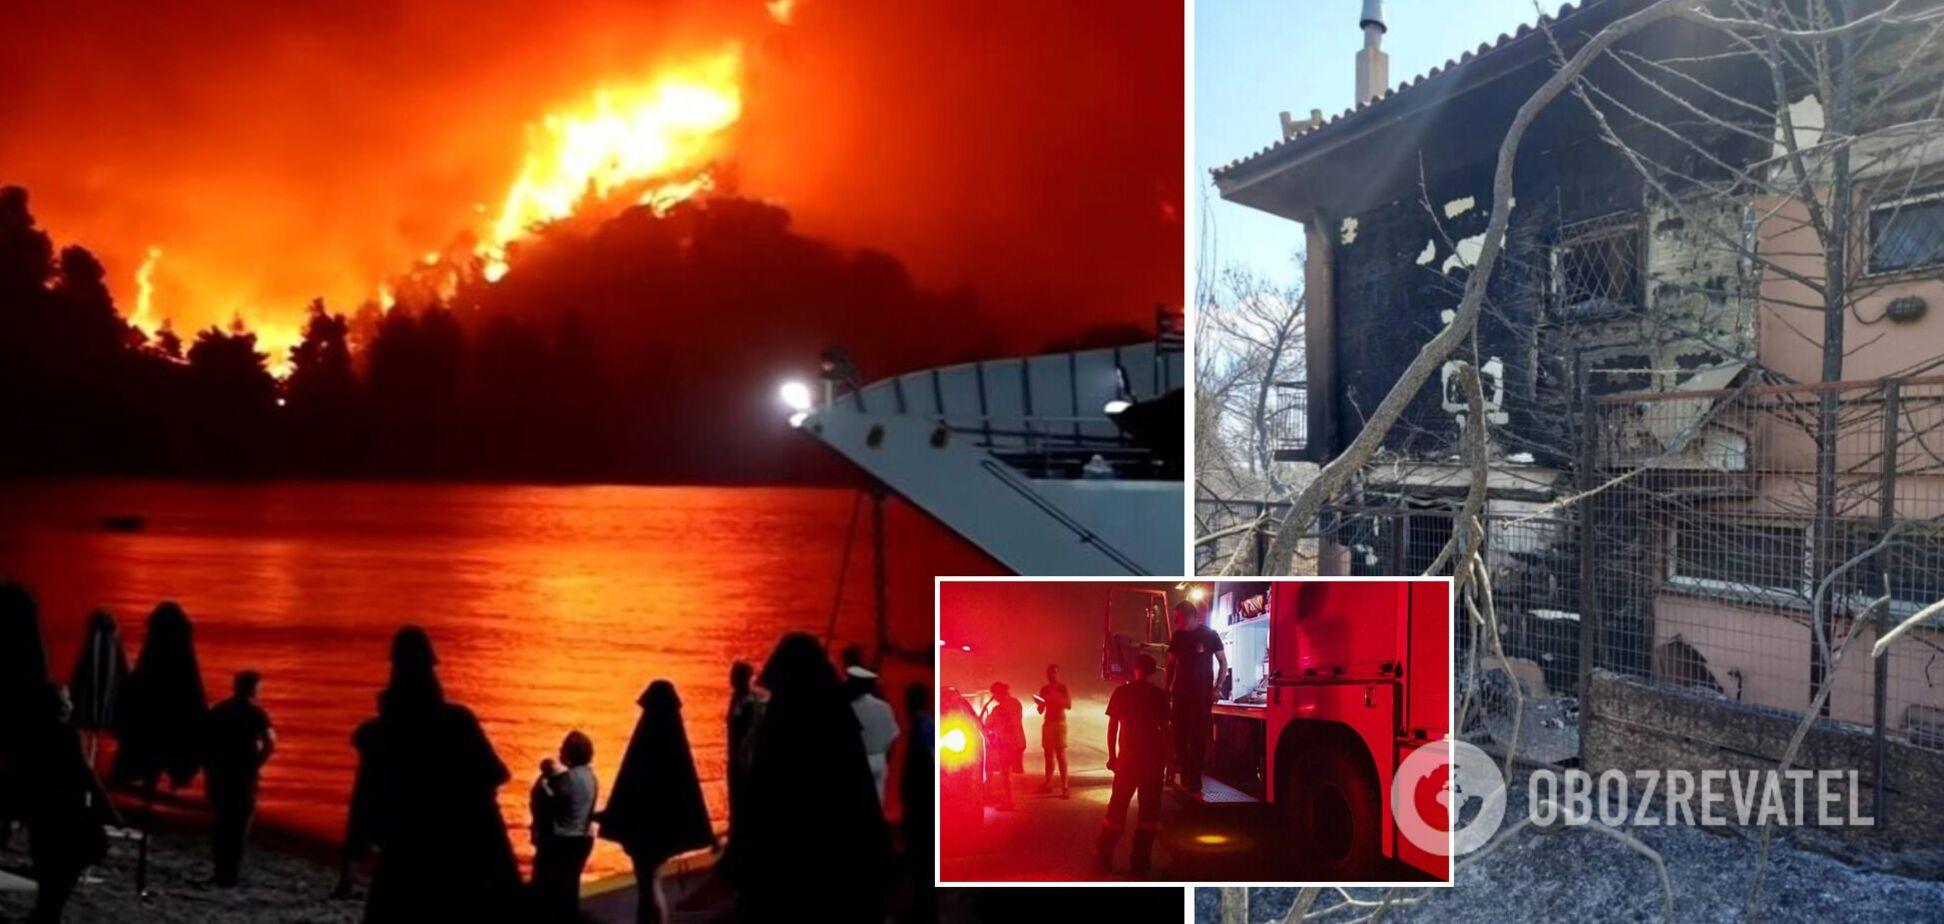 У Греції масштабні лісові пожежі знищили сотні будинків, небо стало червоного кольору. Фото та відео